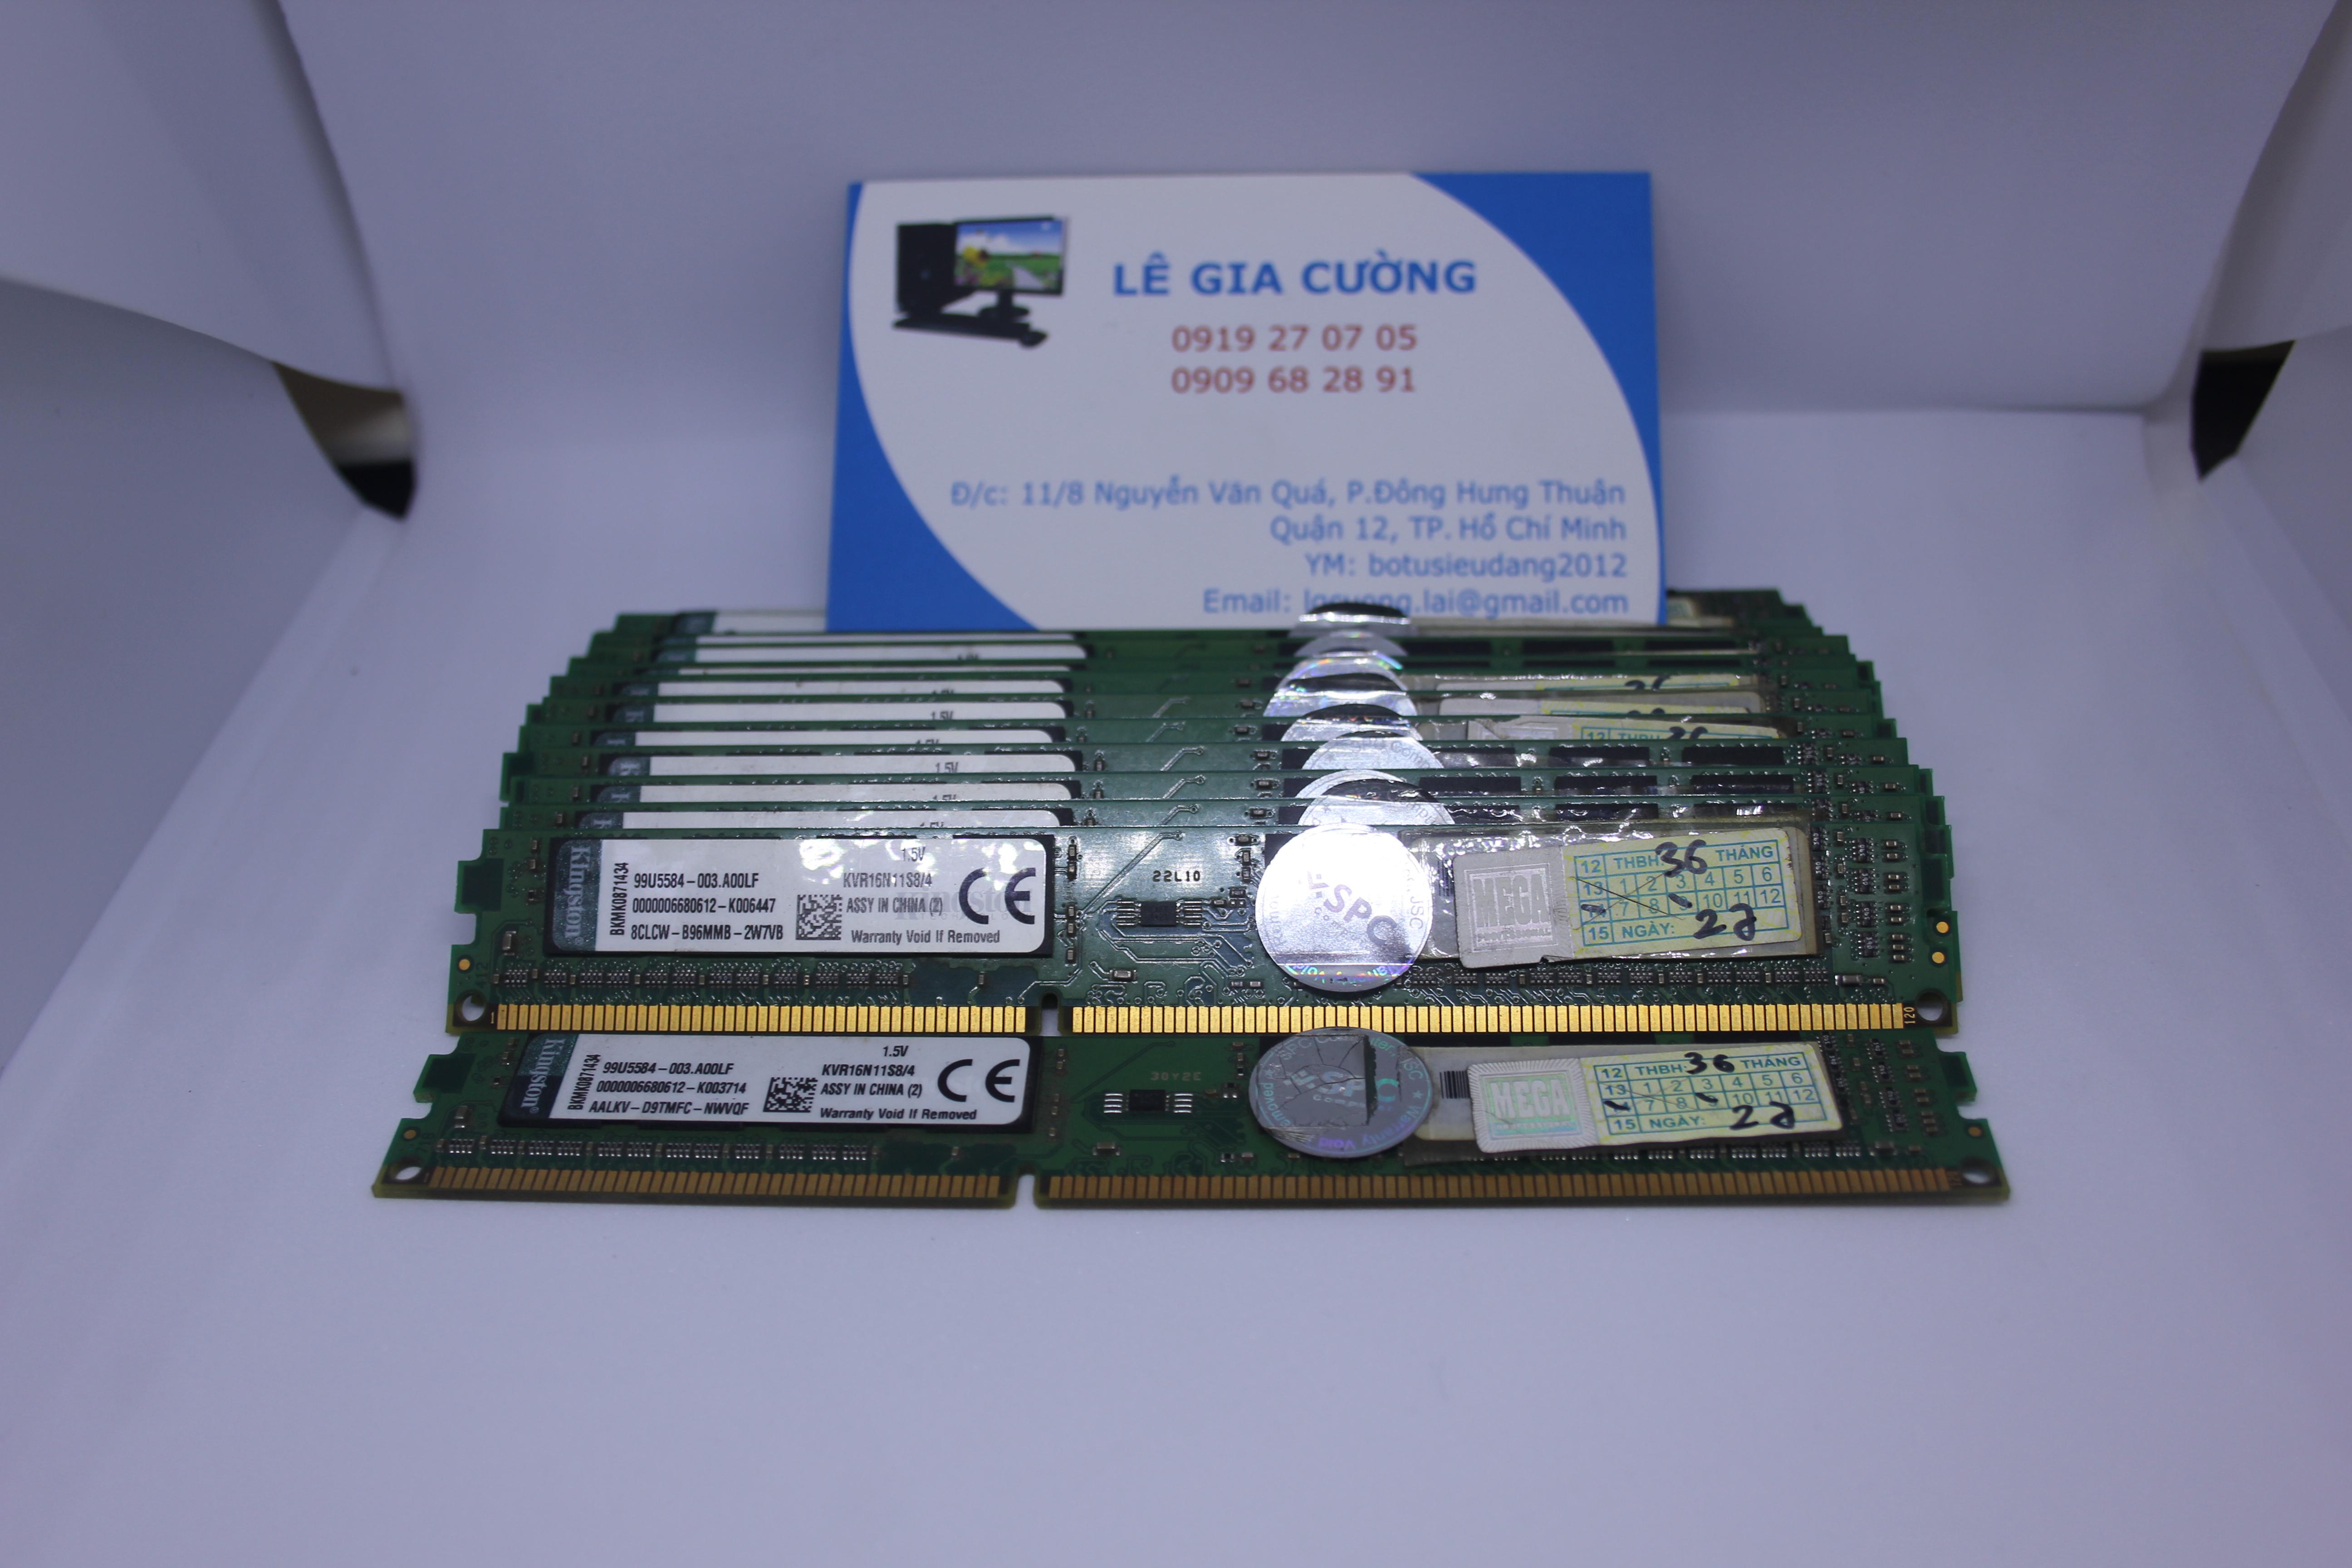 DDR III 4Gb 1333/1600